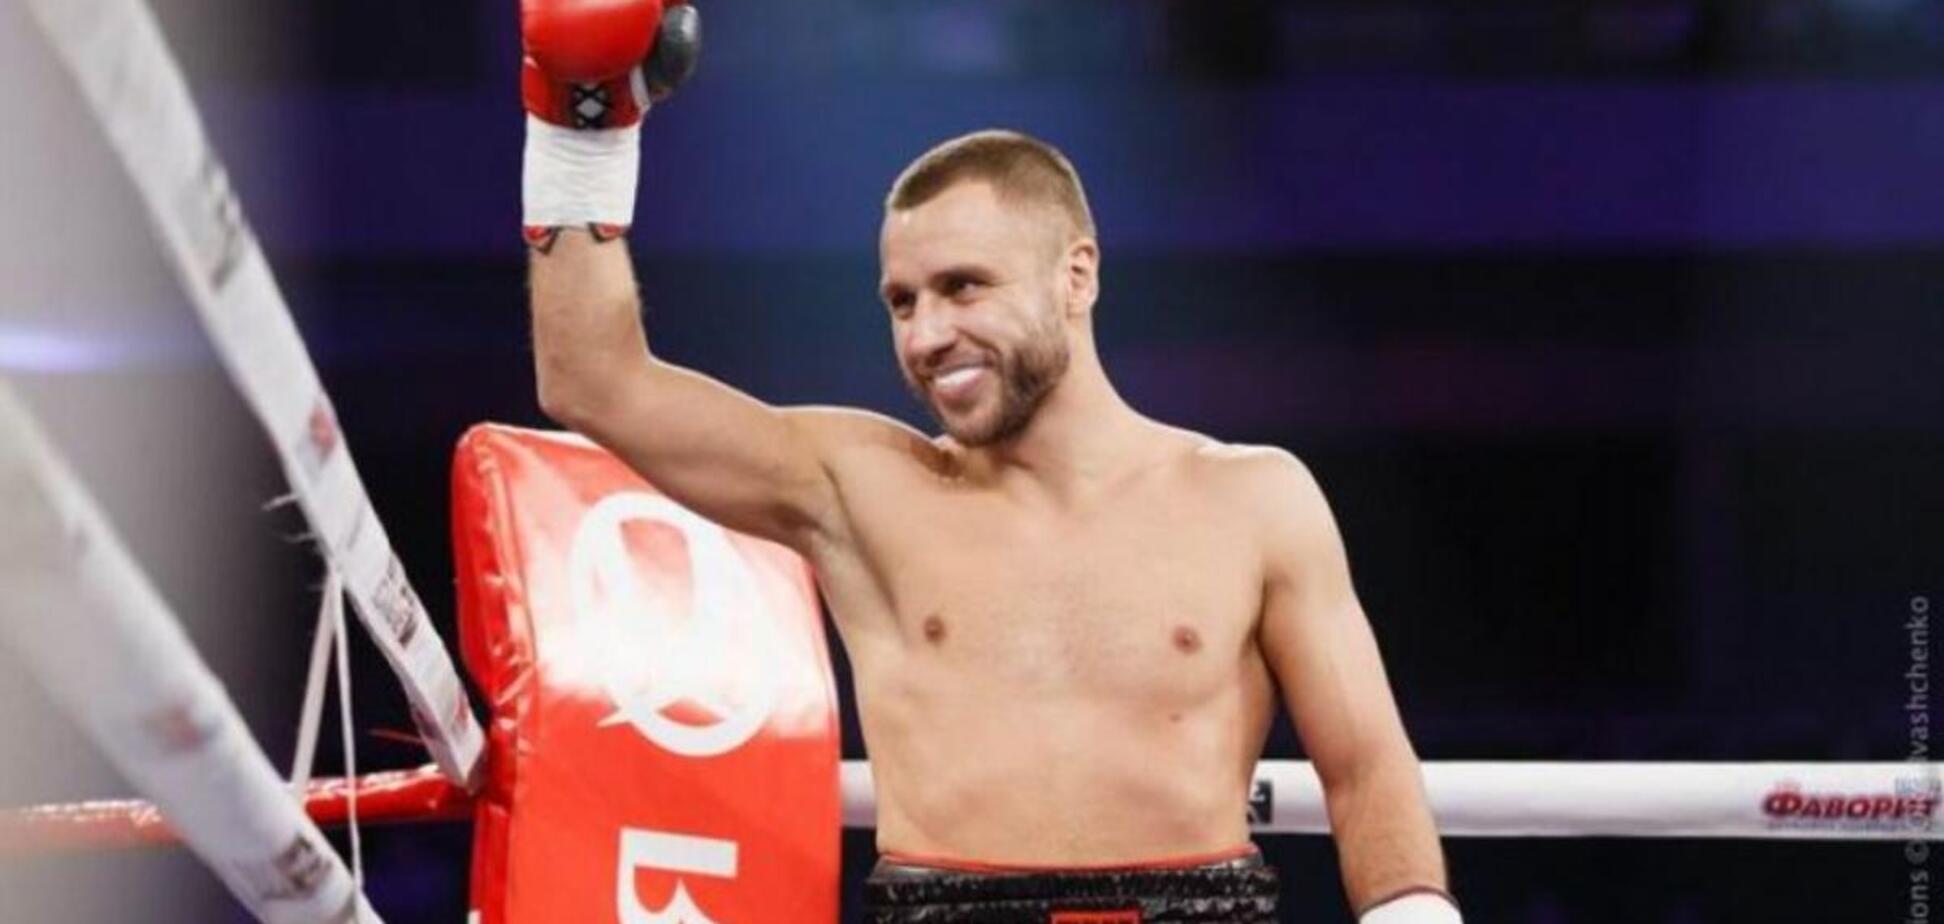 Бурсак побил в Киеве российского чемпиона, совравшего про Крым